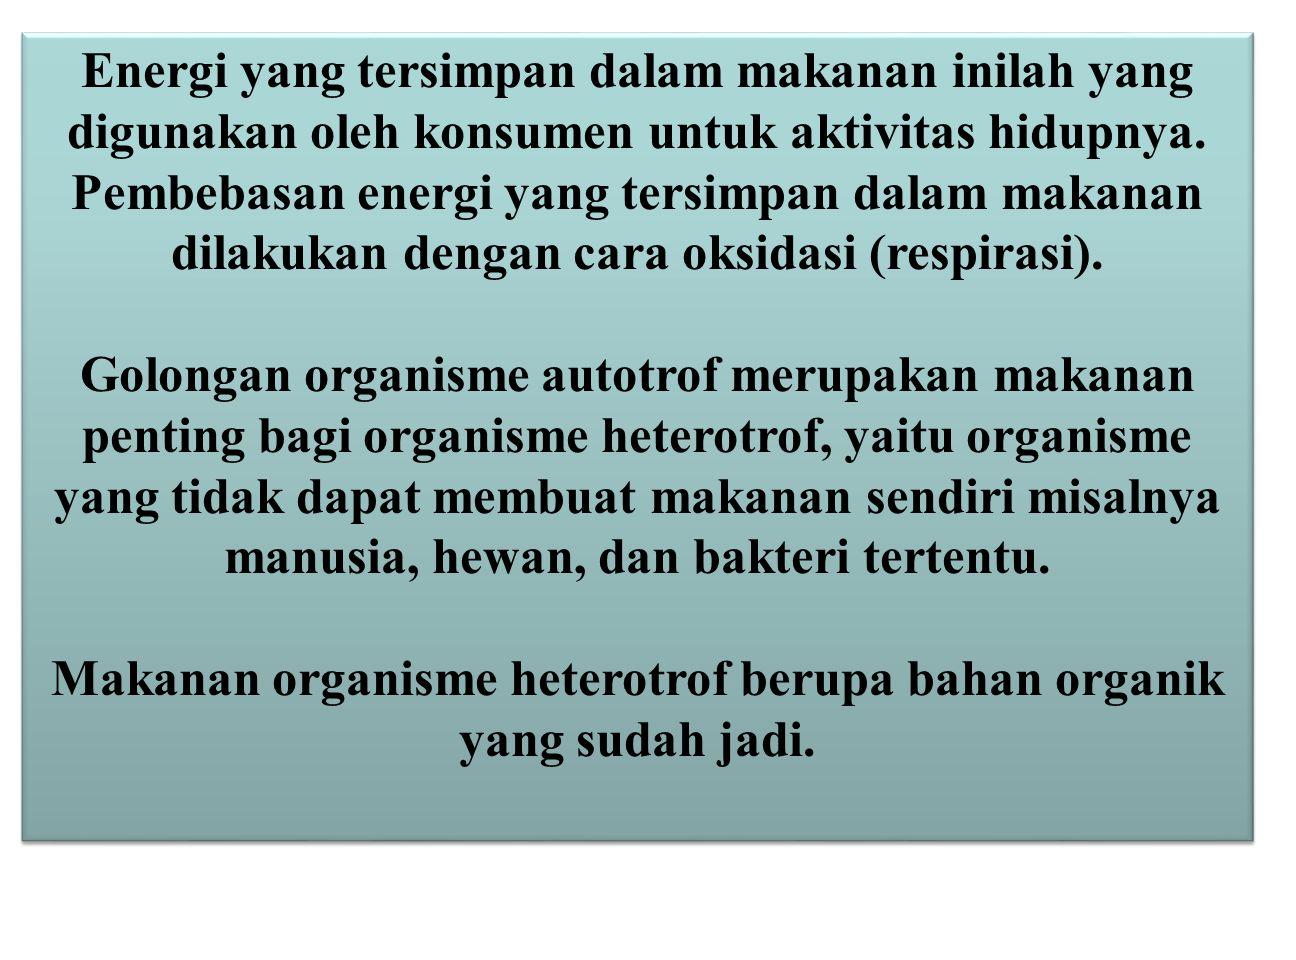 Energi yang tersimpan dalam makanan inilah yang digunakan oleh konsumen untuk aktivitas hidupnya. Pembebasan energi yang tersimpan dalam makanan dilak